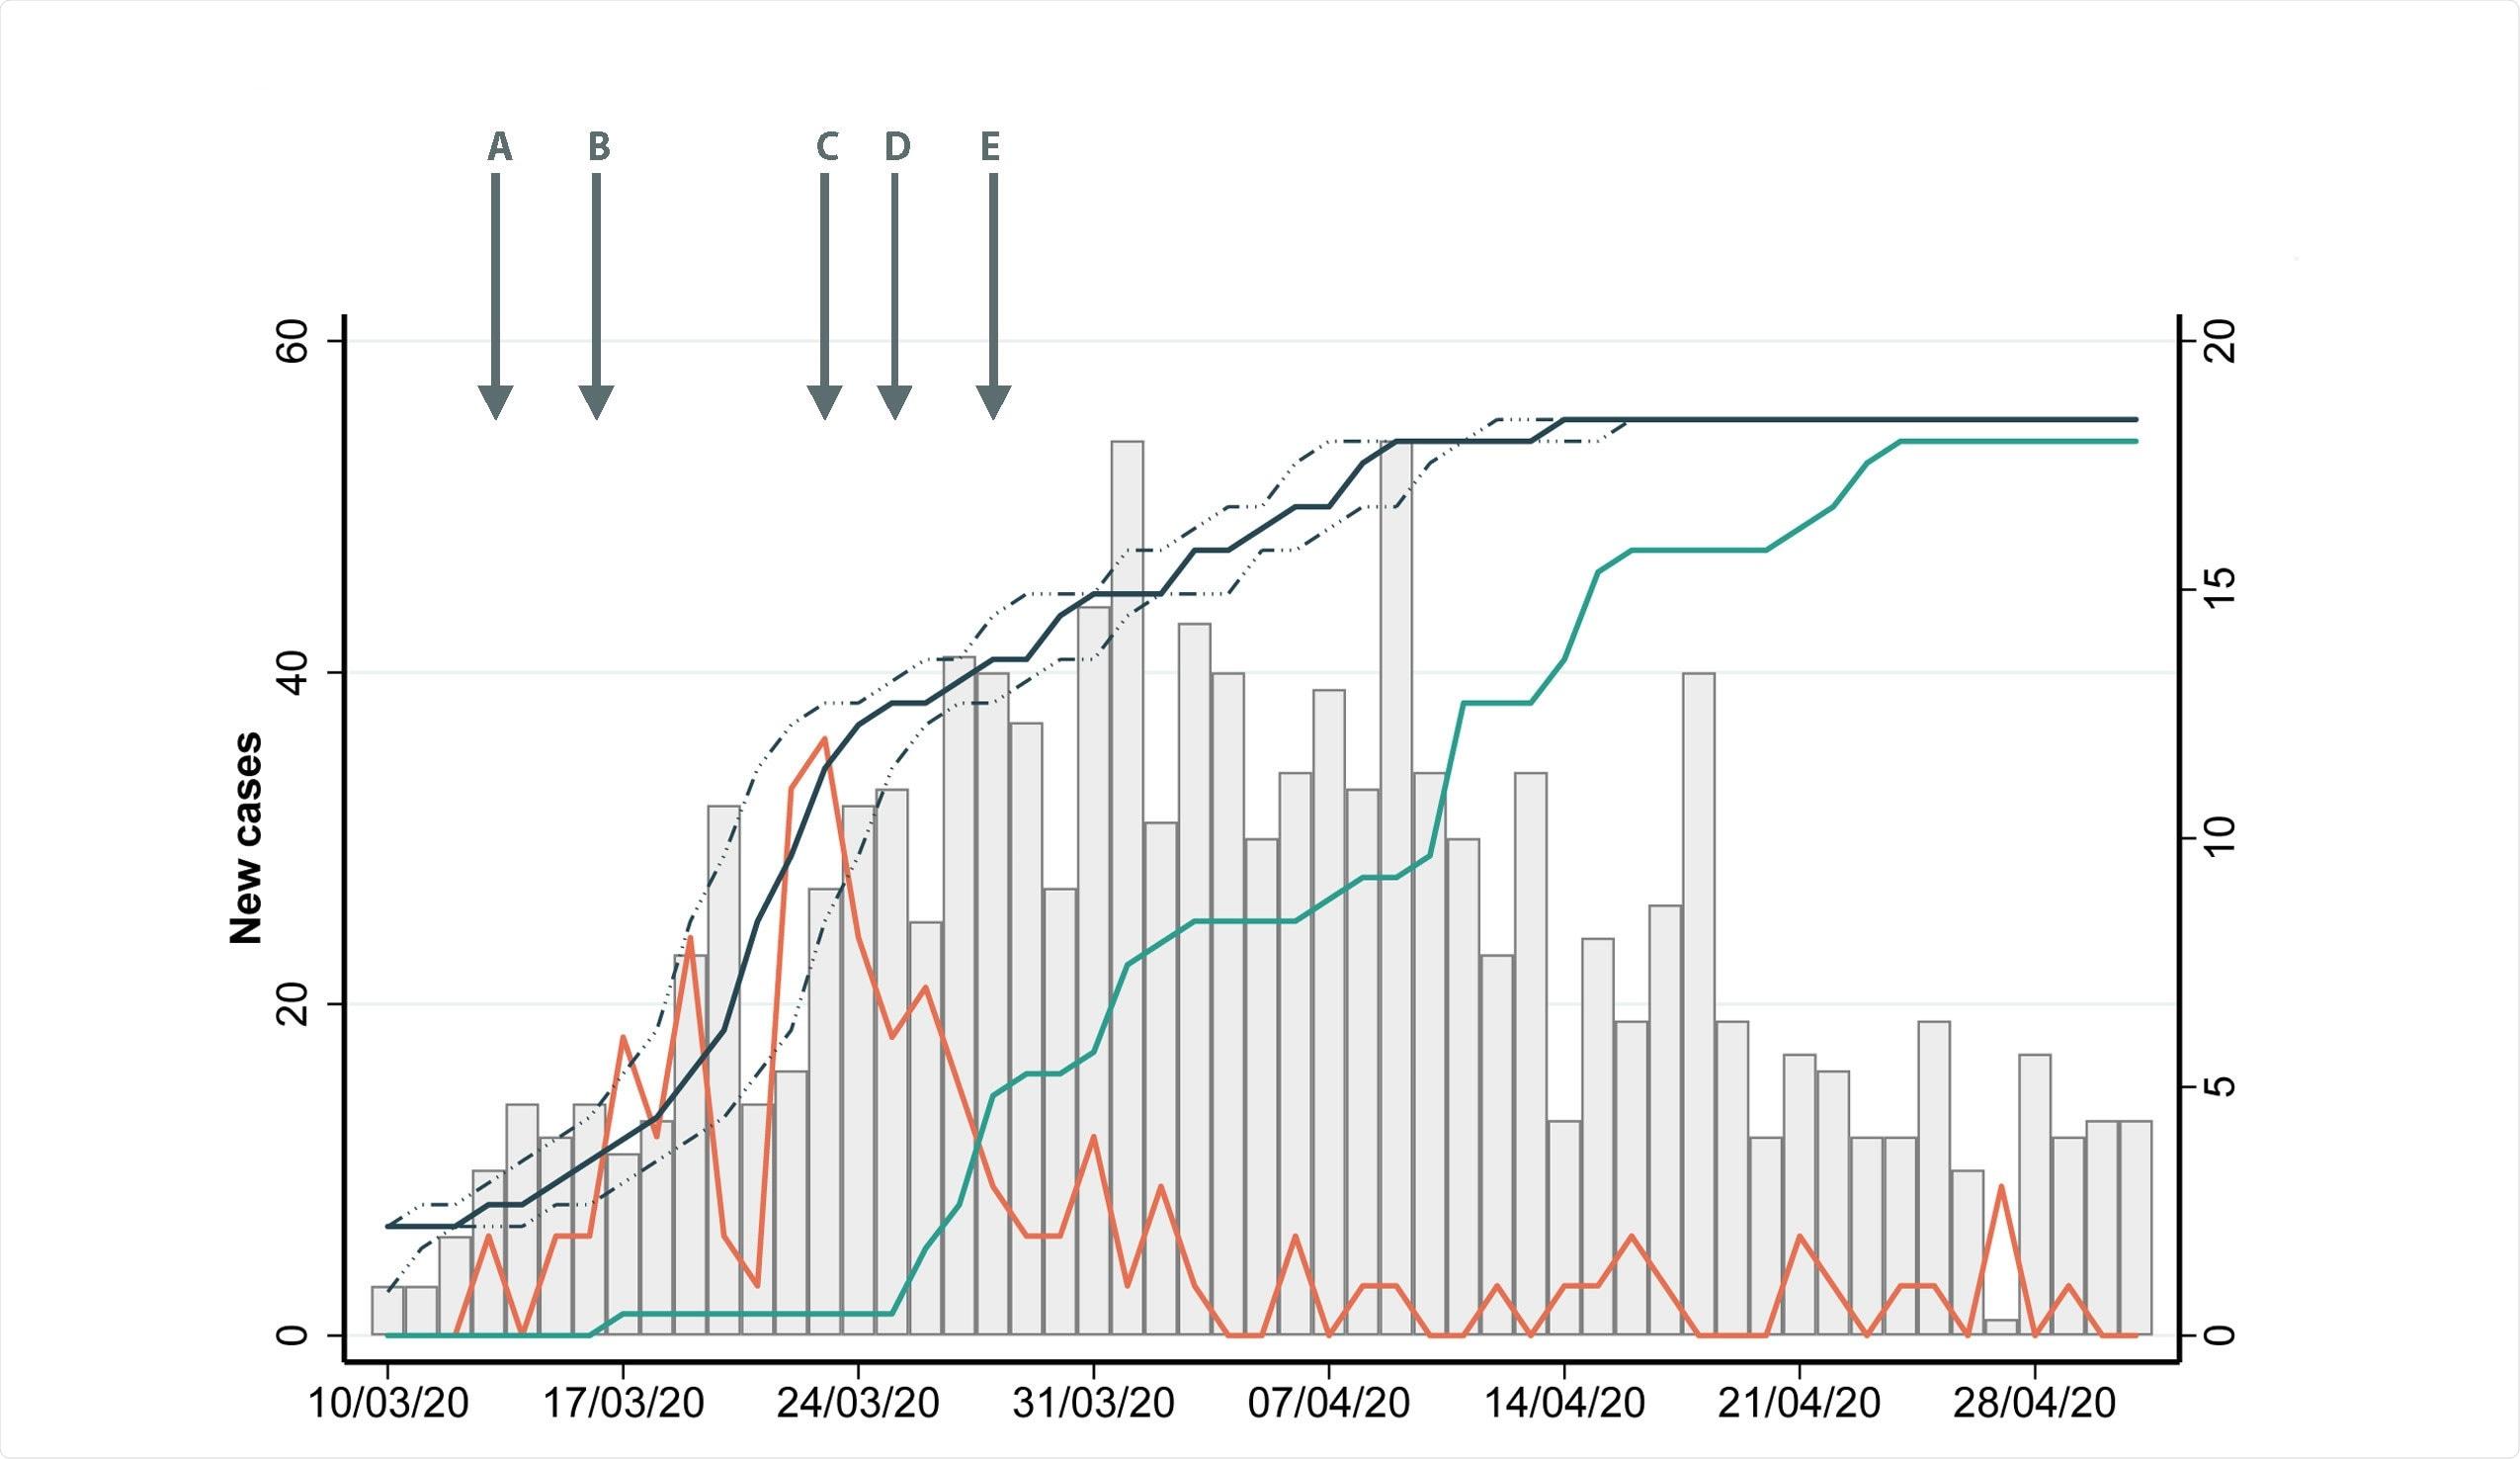 Descripción epidemiológica de los casos diagnosticados durante la primera ola.  En el eje y de la izquierda, el gráfico de barras grises muestra nuevos casos a lo largo del tiempo entre el 10 de marzo y el 31 de abril.  Durante el mismo período, el eje y de la derecha muestra la incidencia de casos nosocomiales (línea naranja) y la proporción (%) de PS examinados con infección confirmada que notifica el inicio de los síntomas (línea negra) con período máximo de infectividad ± 2 días (línea negra discontinua ), con seroprevalencia de IgG de HCW (verde).  Se superponen 5 fechas clave en políticas públicas y control de infecciones (A) 13 de marzo;  prueba recomendada para todos los pacientes hospitalizados con tos y fiebre.  (B) 16 de marzo;  fuerte asesoramiento gubernamental para el distanciamiento social;  (C) 23 de marzo;  implementación del cierre nacional (D) 25 de marzo;  exclusión de visitantes del hospital (E) 28 de marzo;  uso obligatorio de mascarillas quirúrgicas para todas las interacciones con el paciente por debajo de 2 metros.